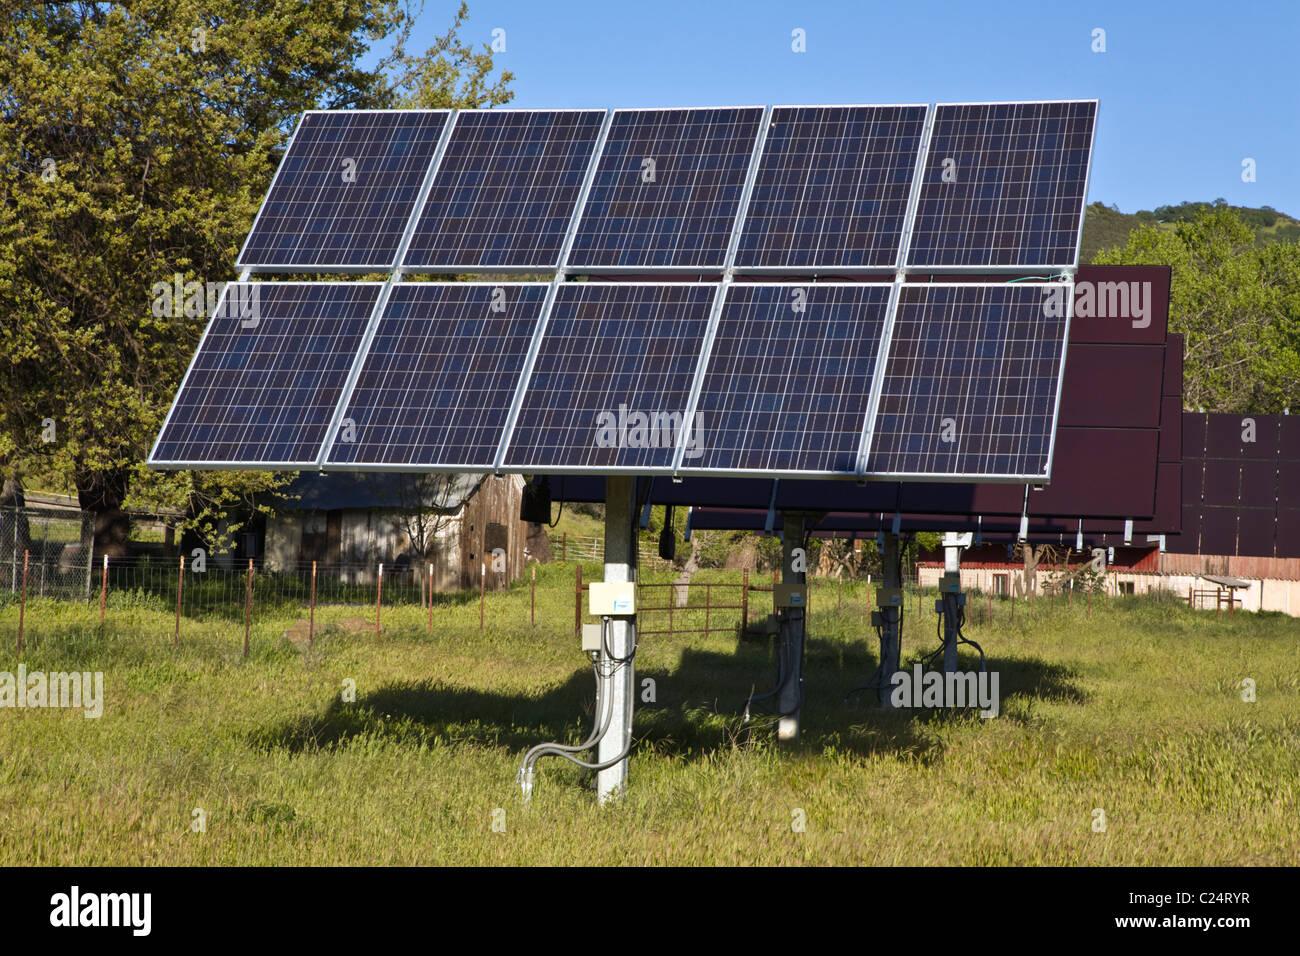 Arreglo de paneles solares en un rancho ganadero en la Cordillera de la costa central de California Imagen De Stock